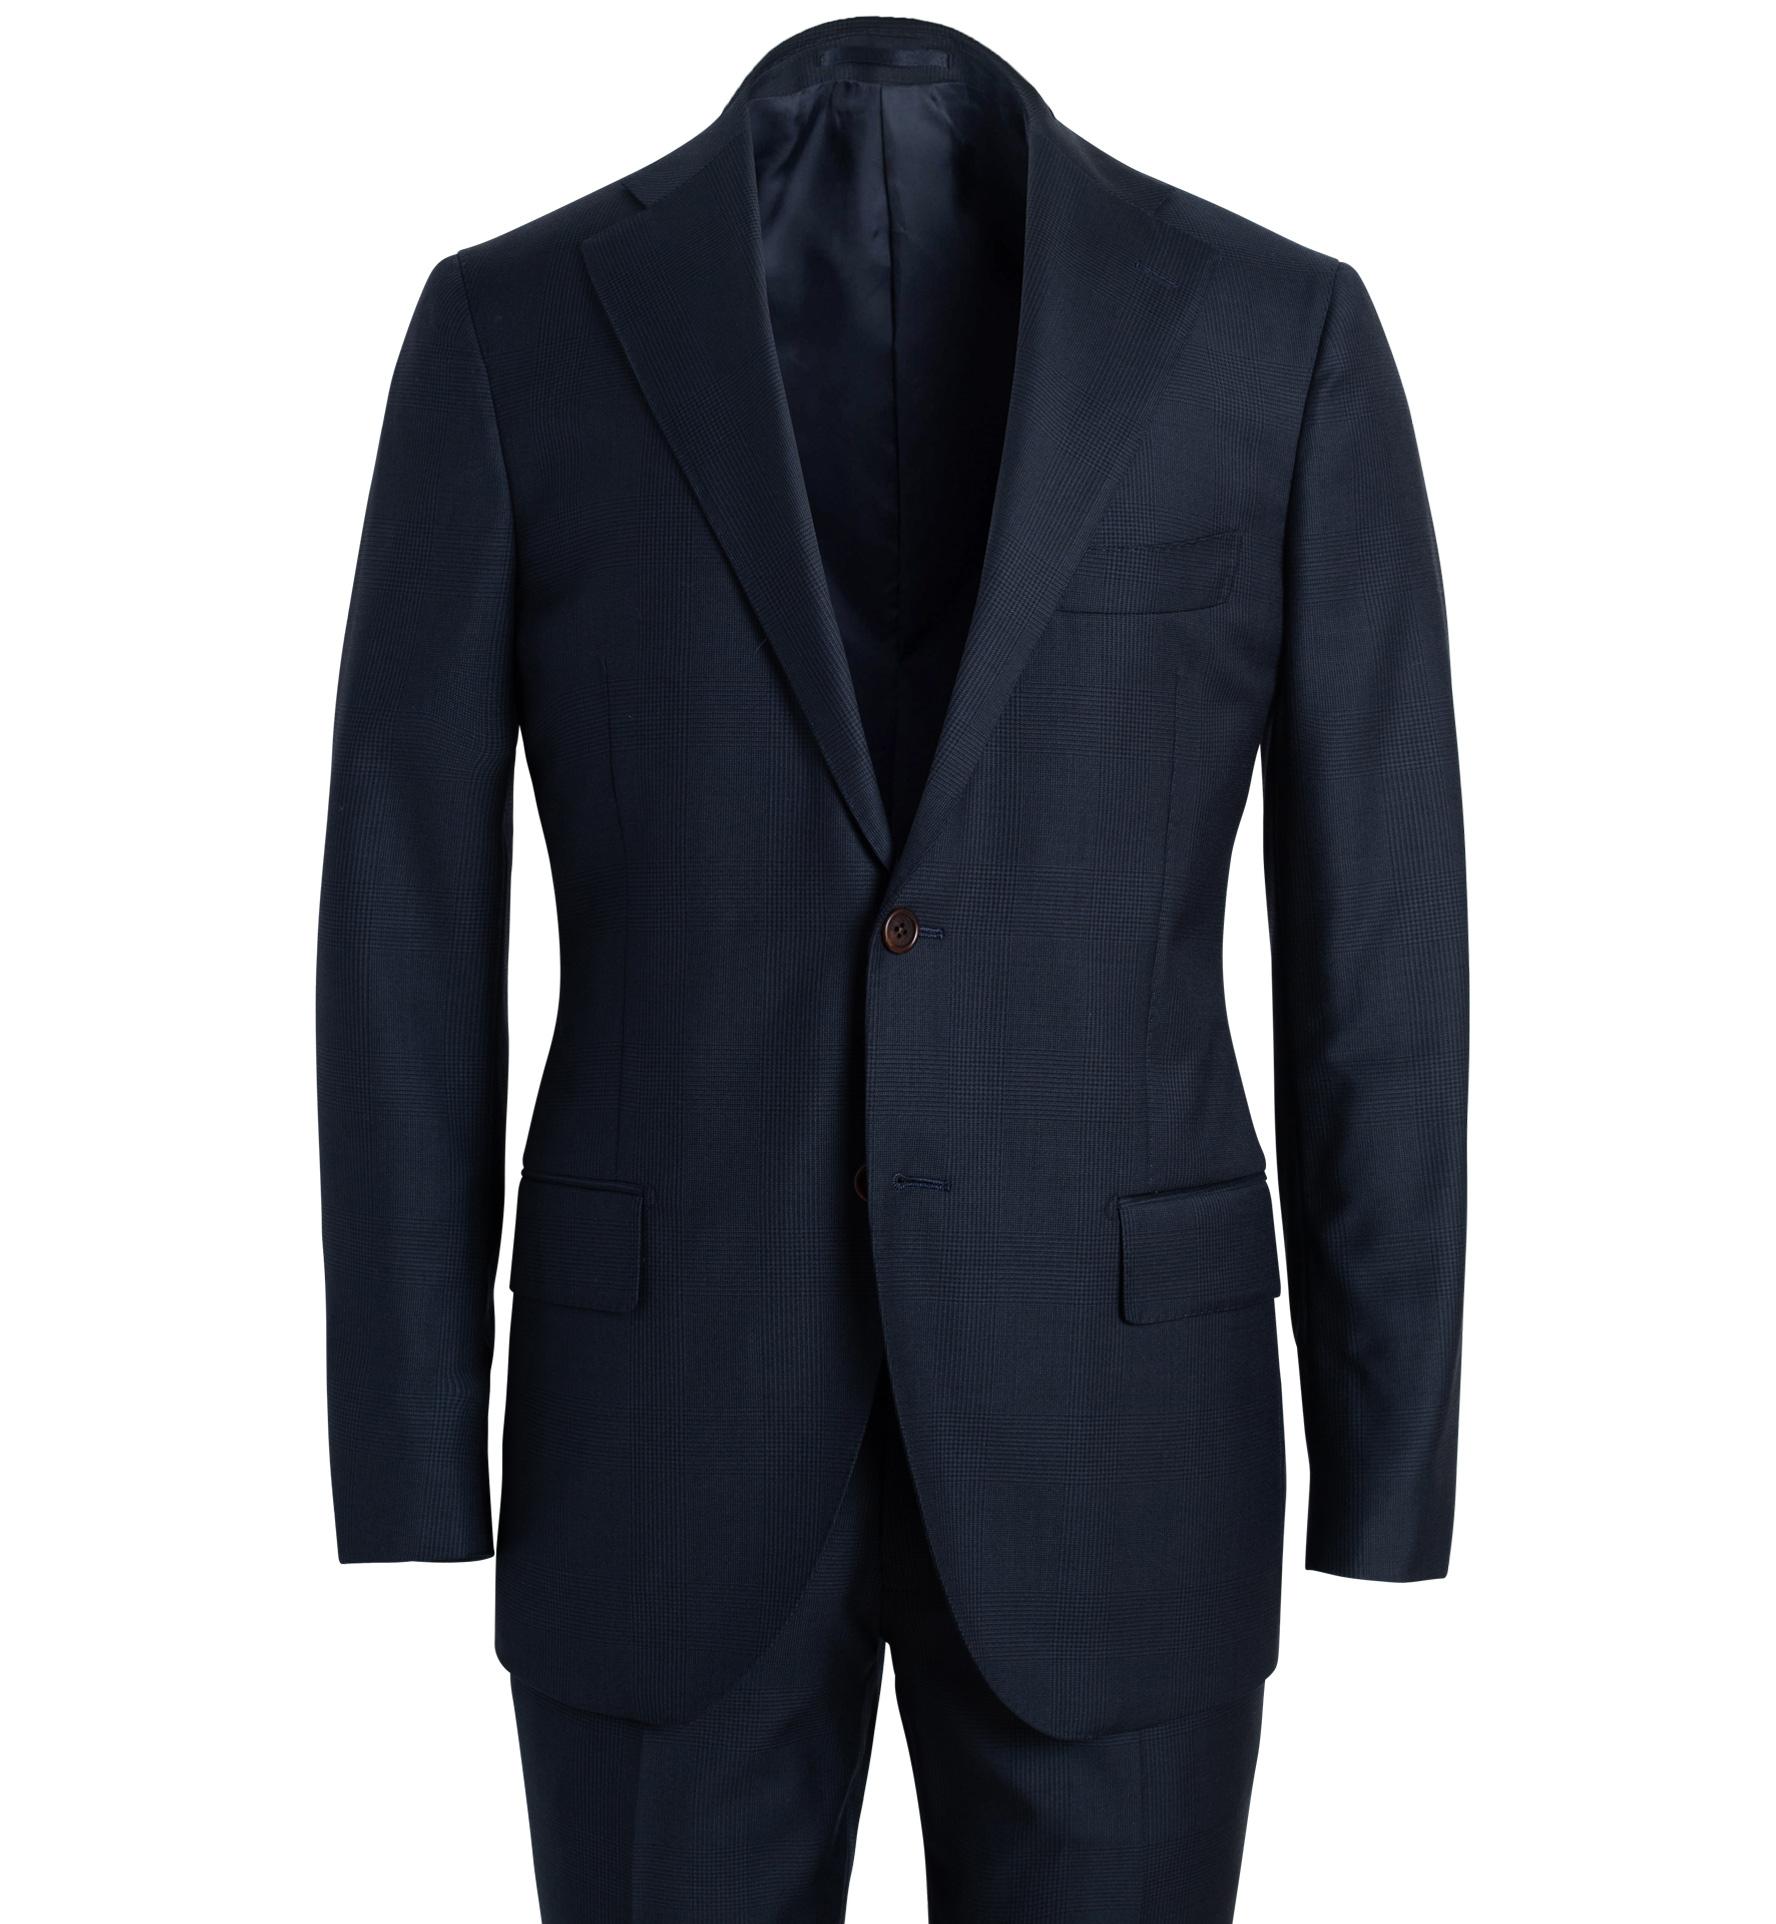 Zoom Image of Allen Navy S110s Glen Plaid Suit